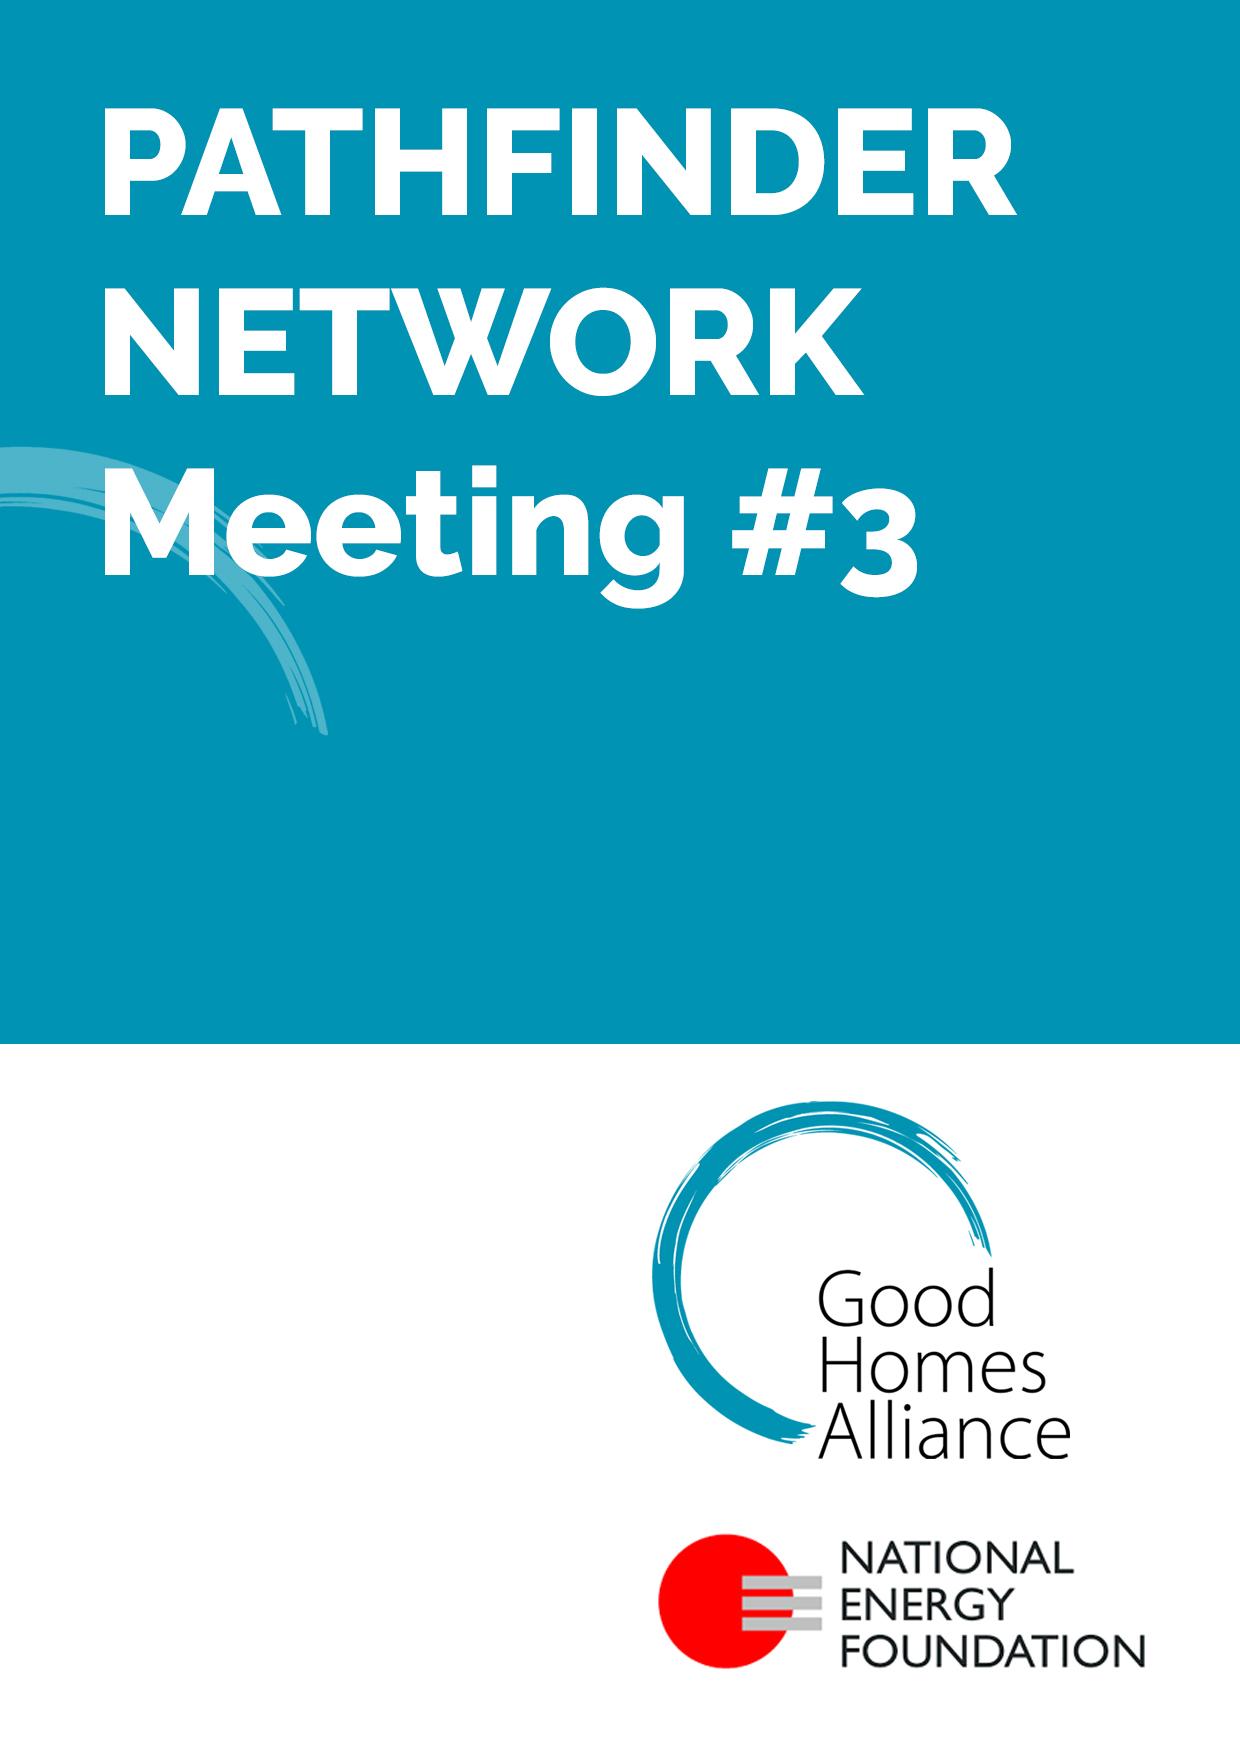 Pathfinder Network meeting #3